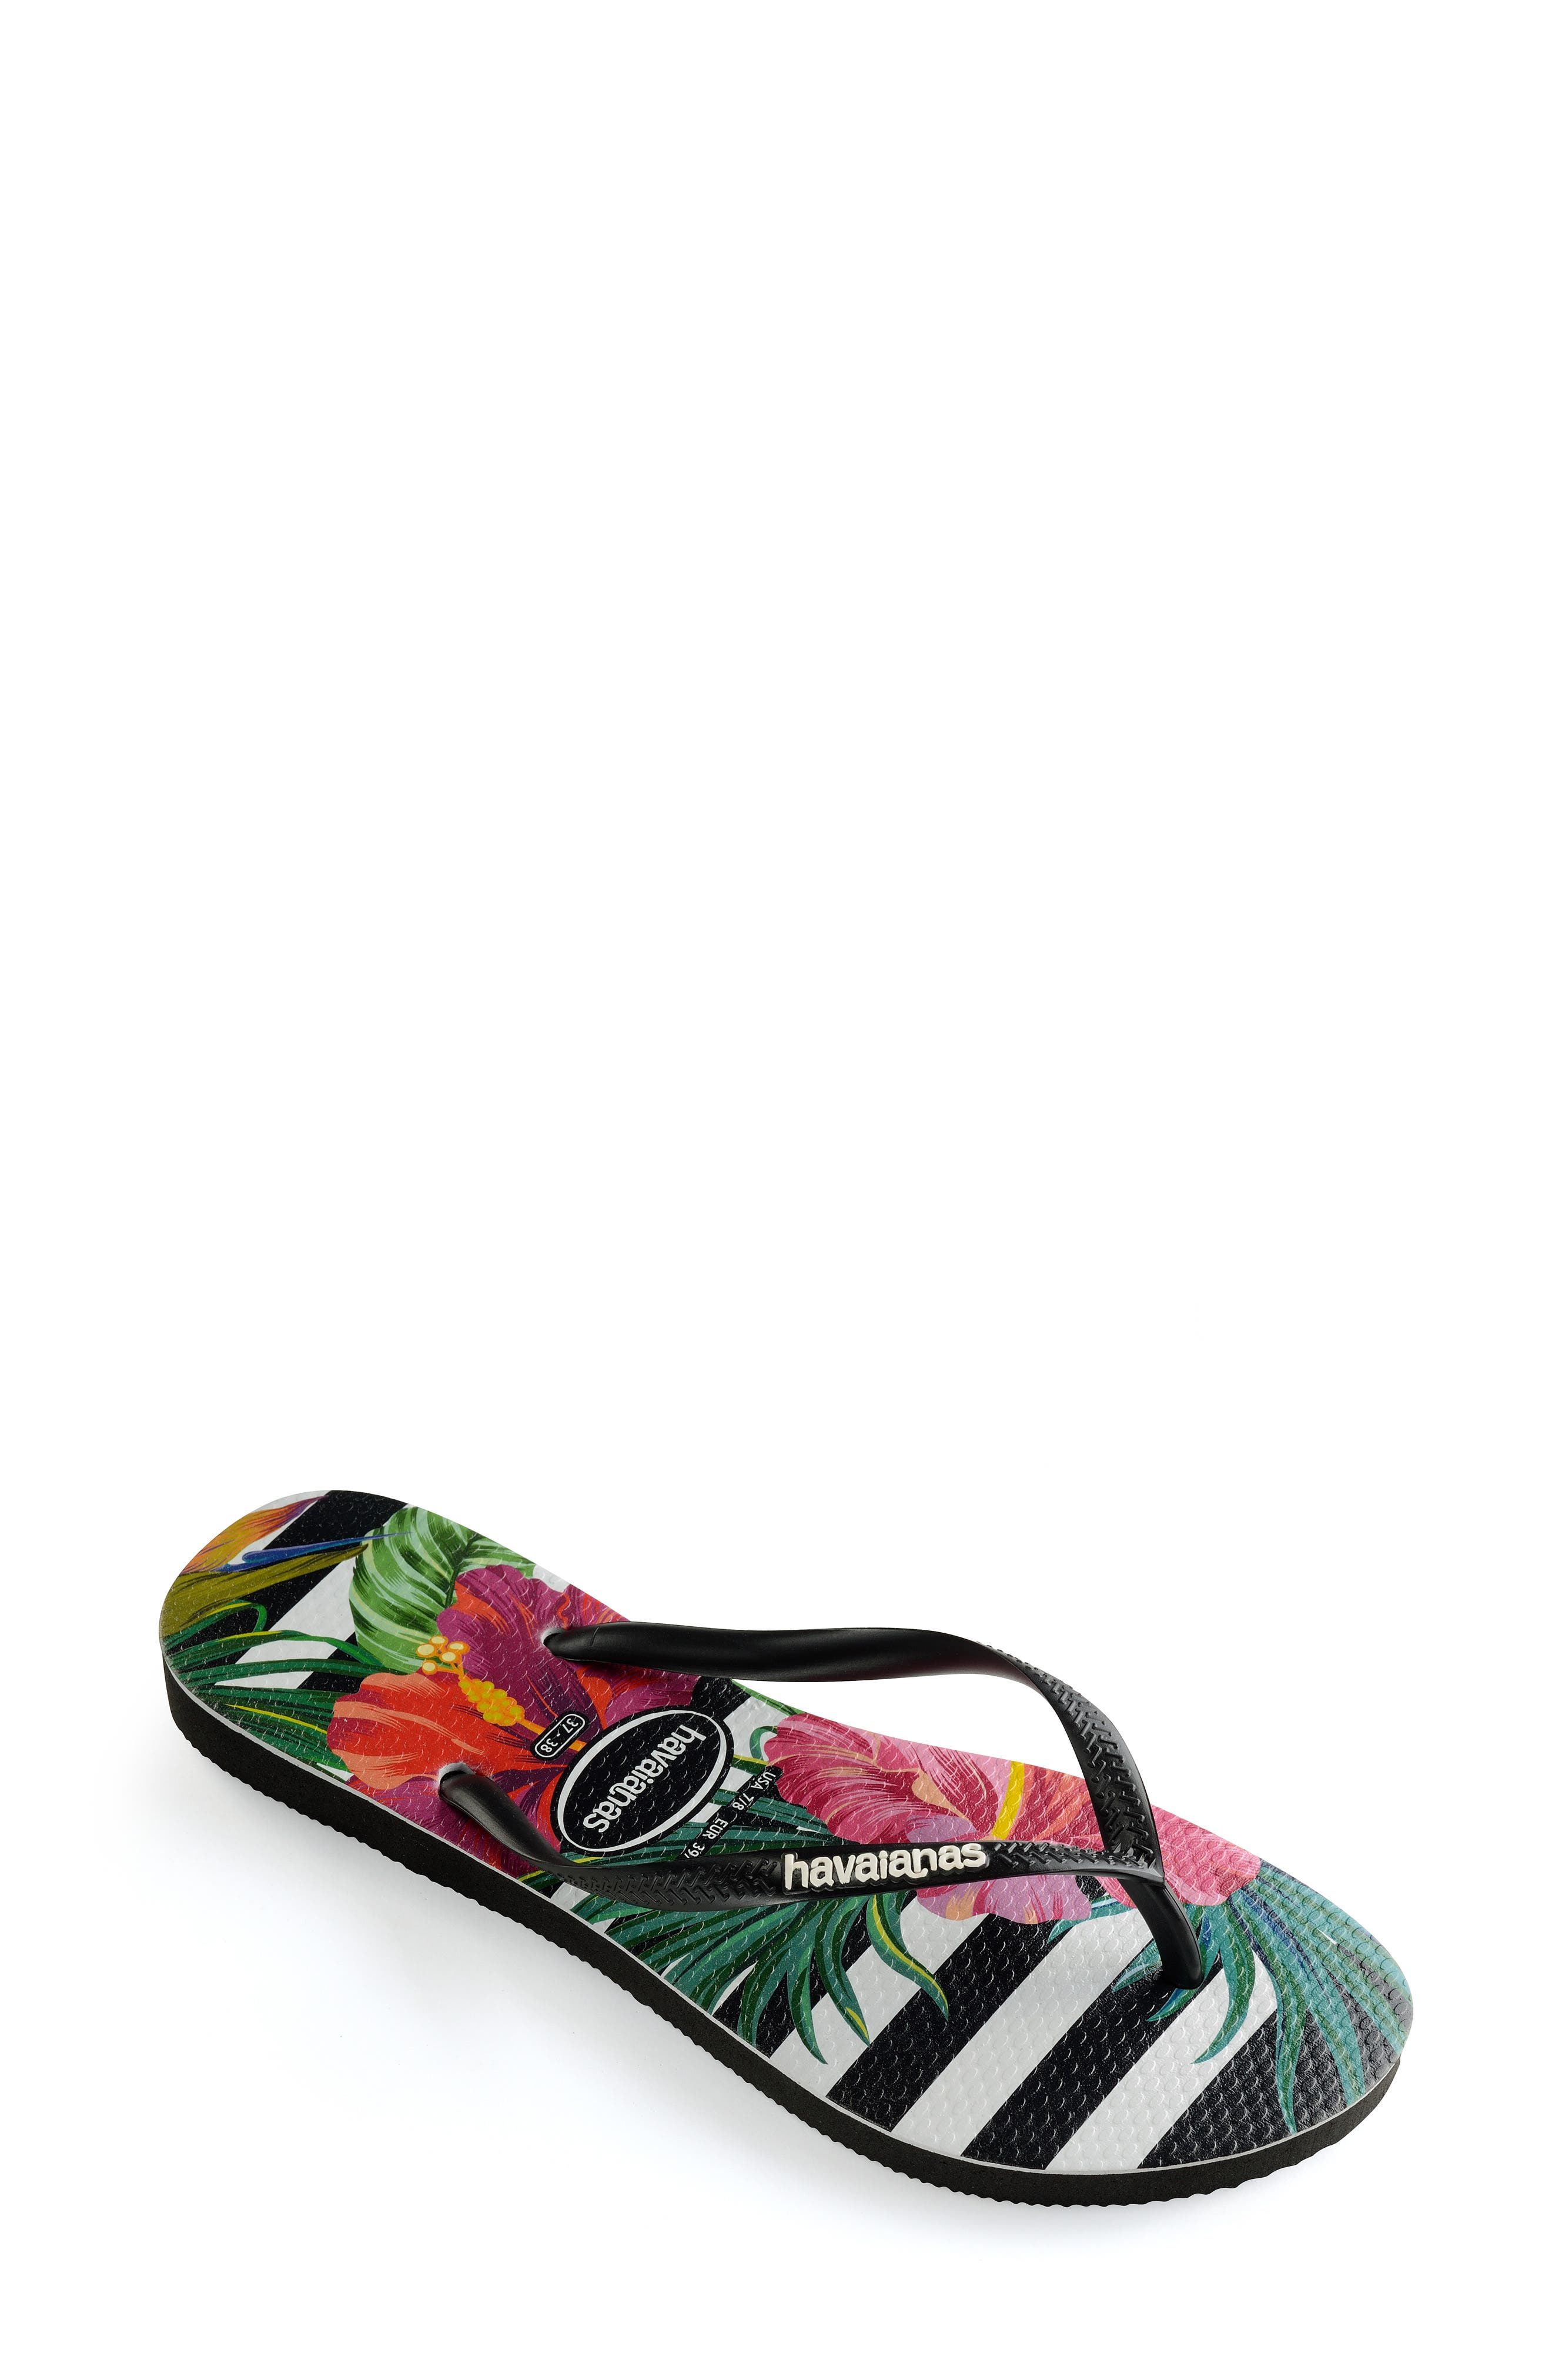 HAVAIANAS, Slim Tropical Floral Flip Flop, Alternate thumbnail 2, color, BLACK/ WHITE